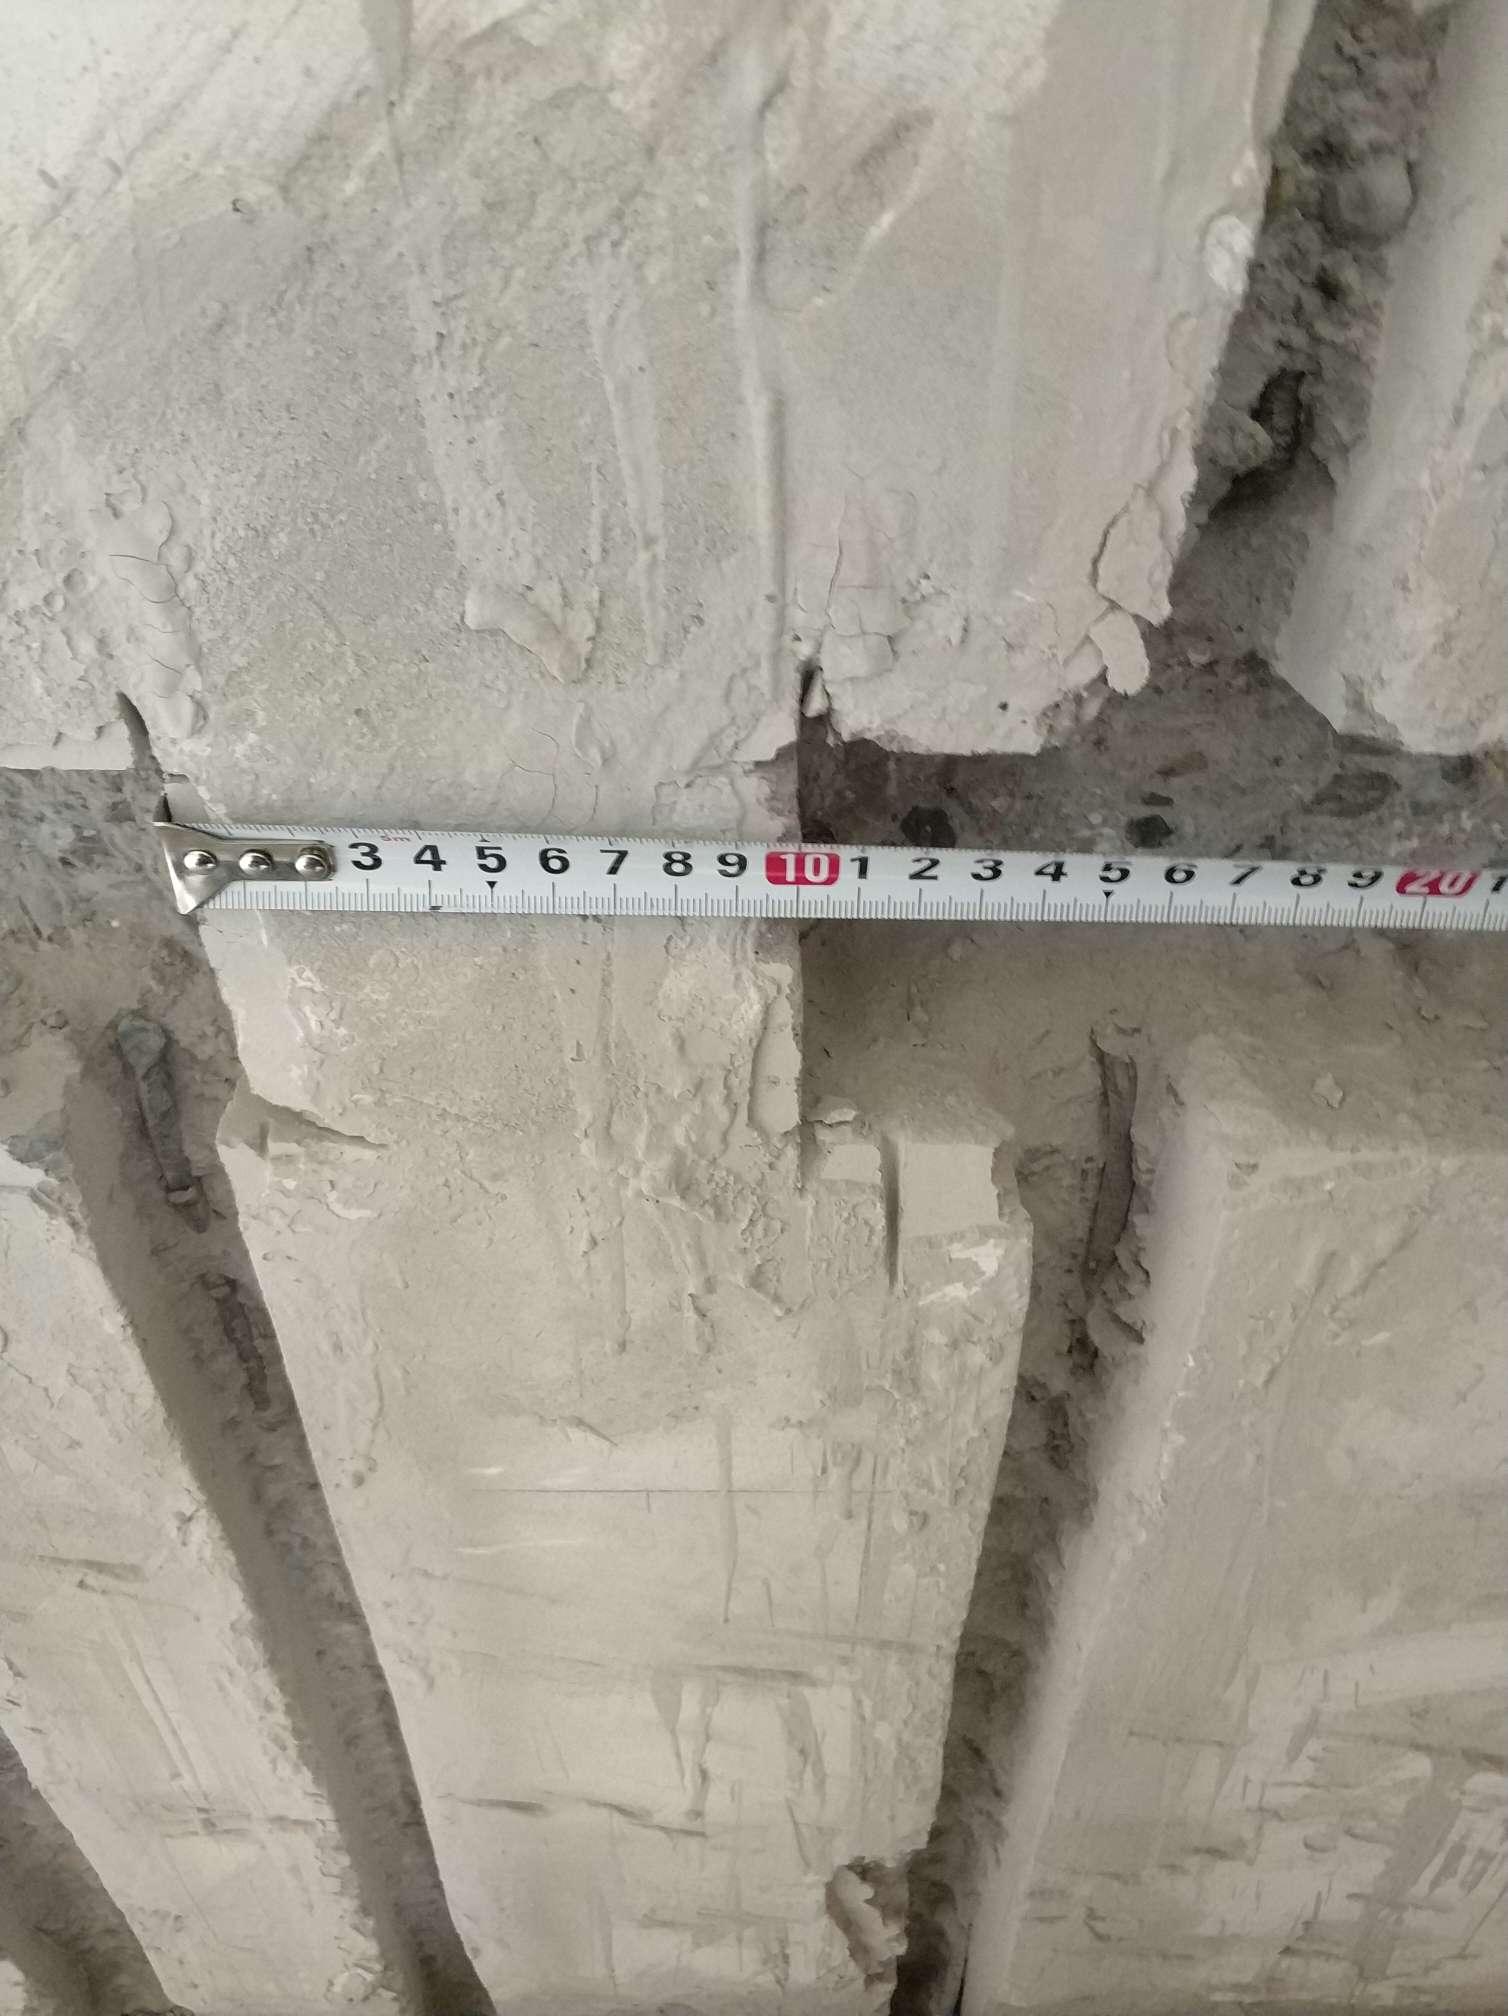 北京静淑苑小区-水电隐蔽施工检查-2018-09-27